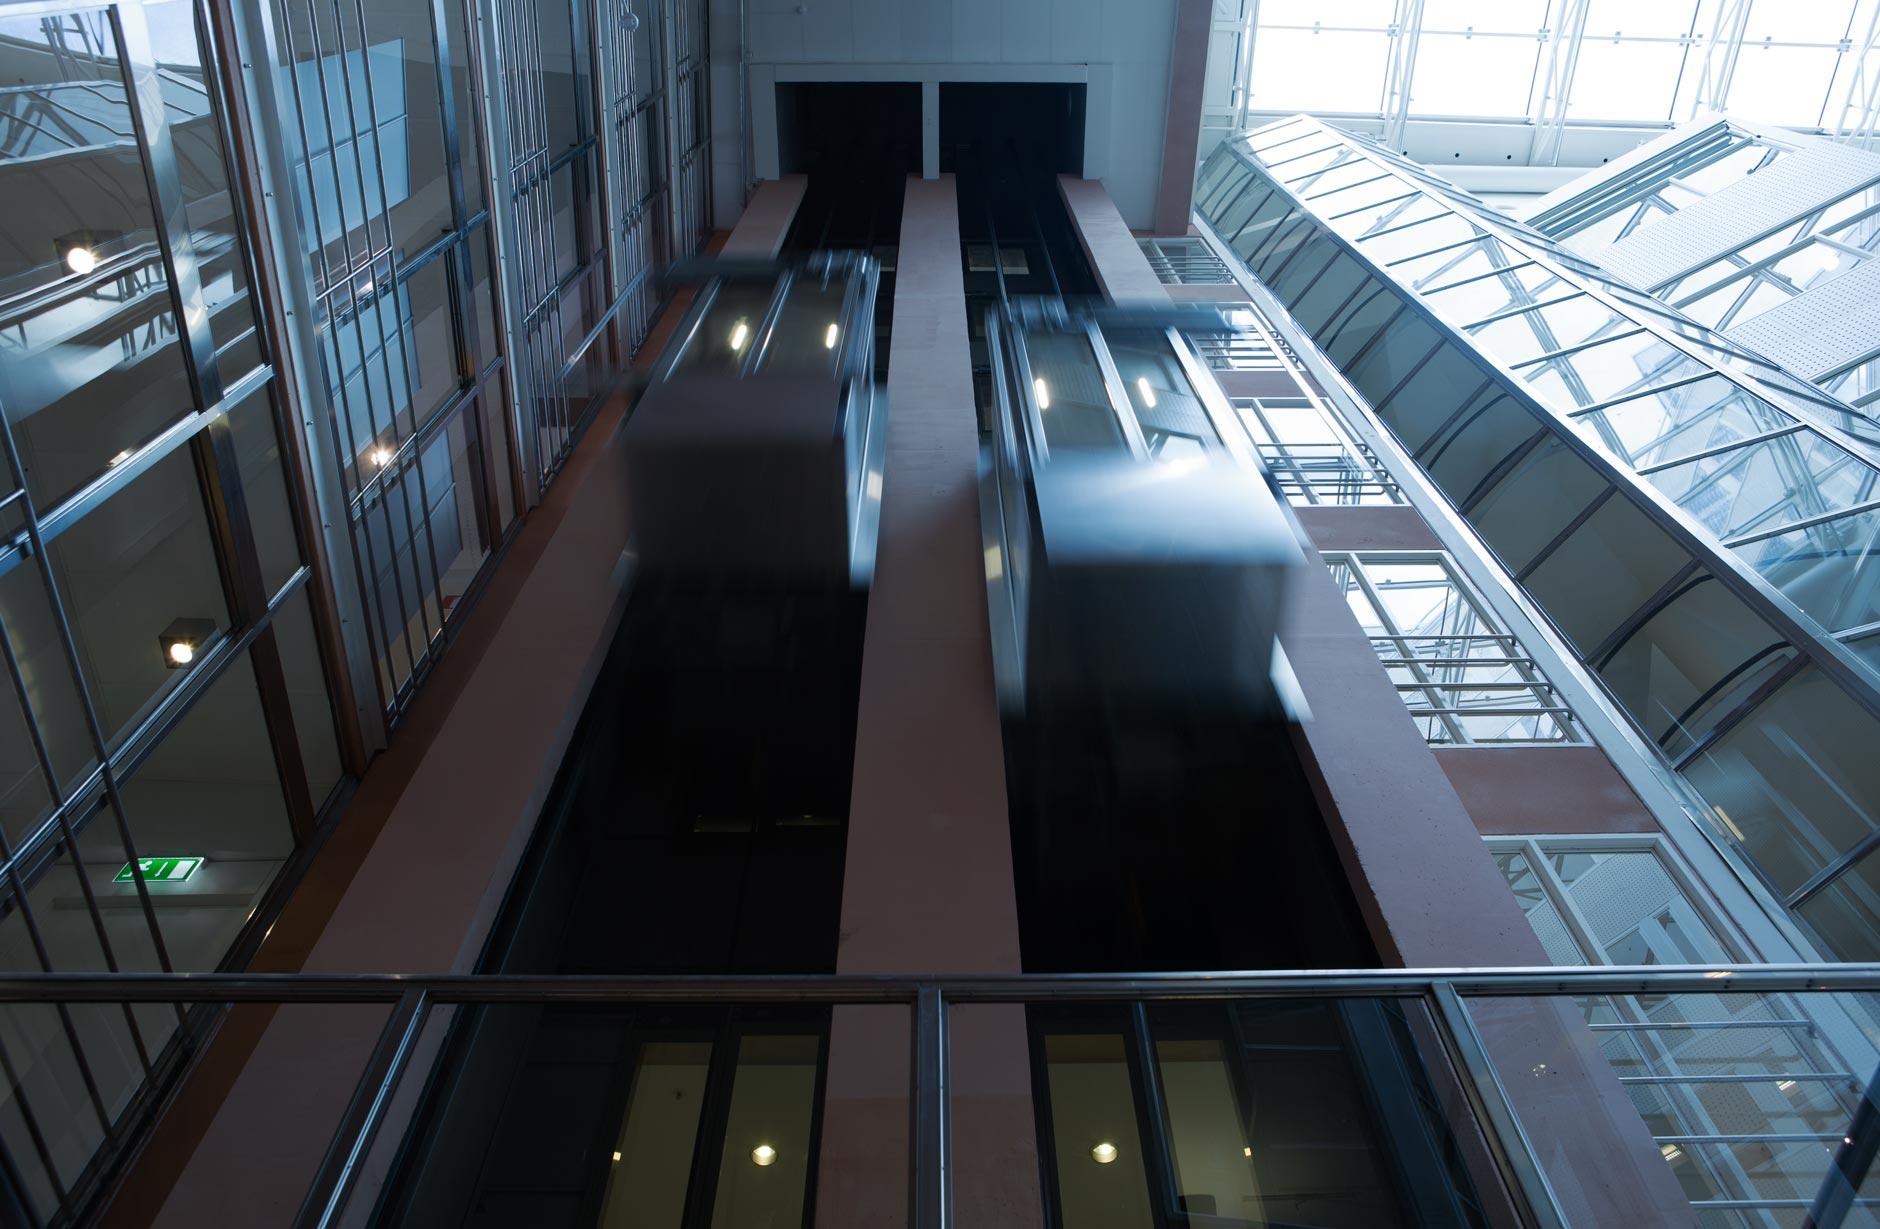 Den snabbaste hissen i världen färdas med en hastighet på 18 meter per sekund, eller 65 kilometer per timme